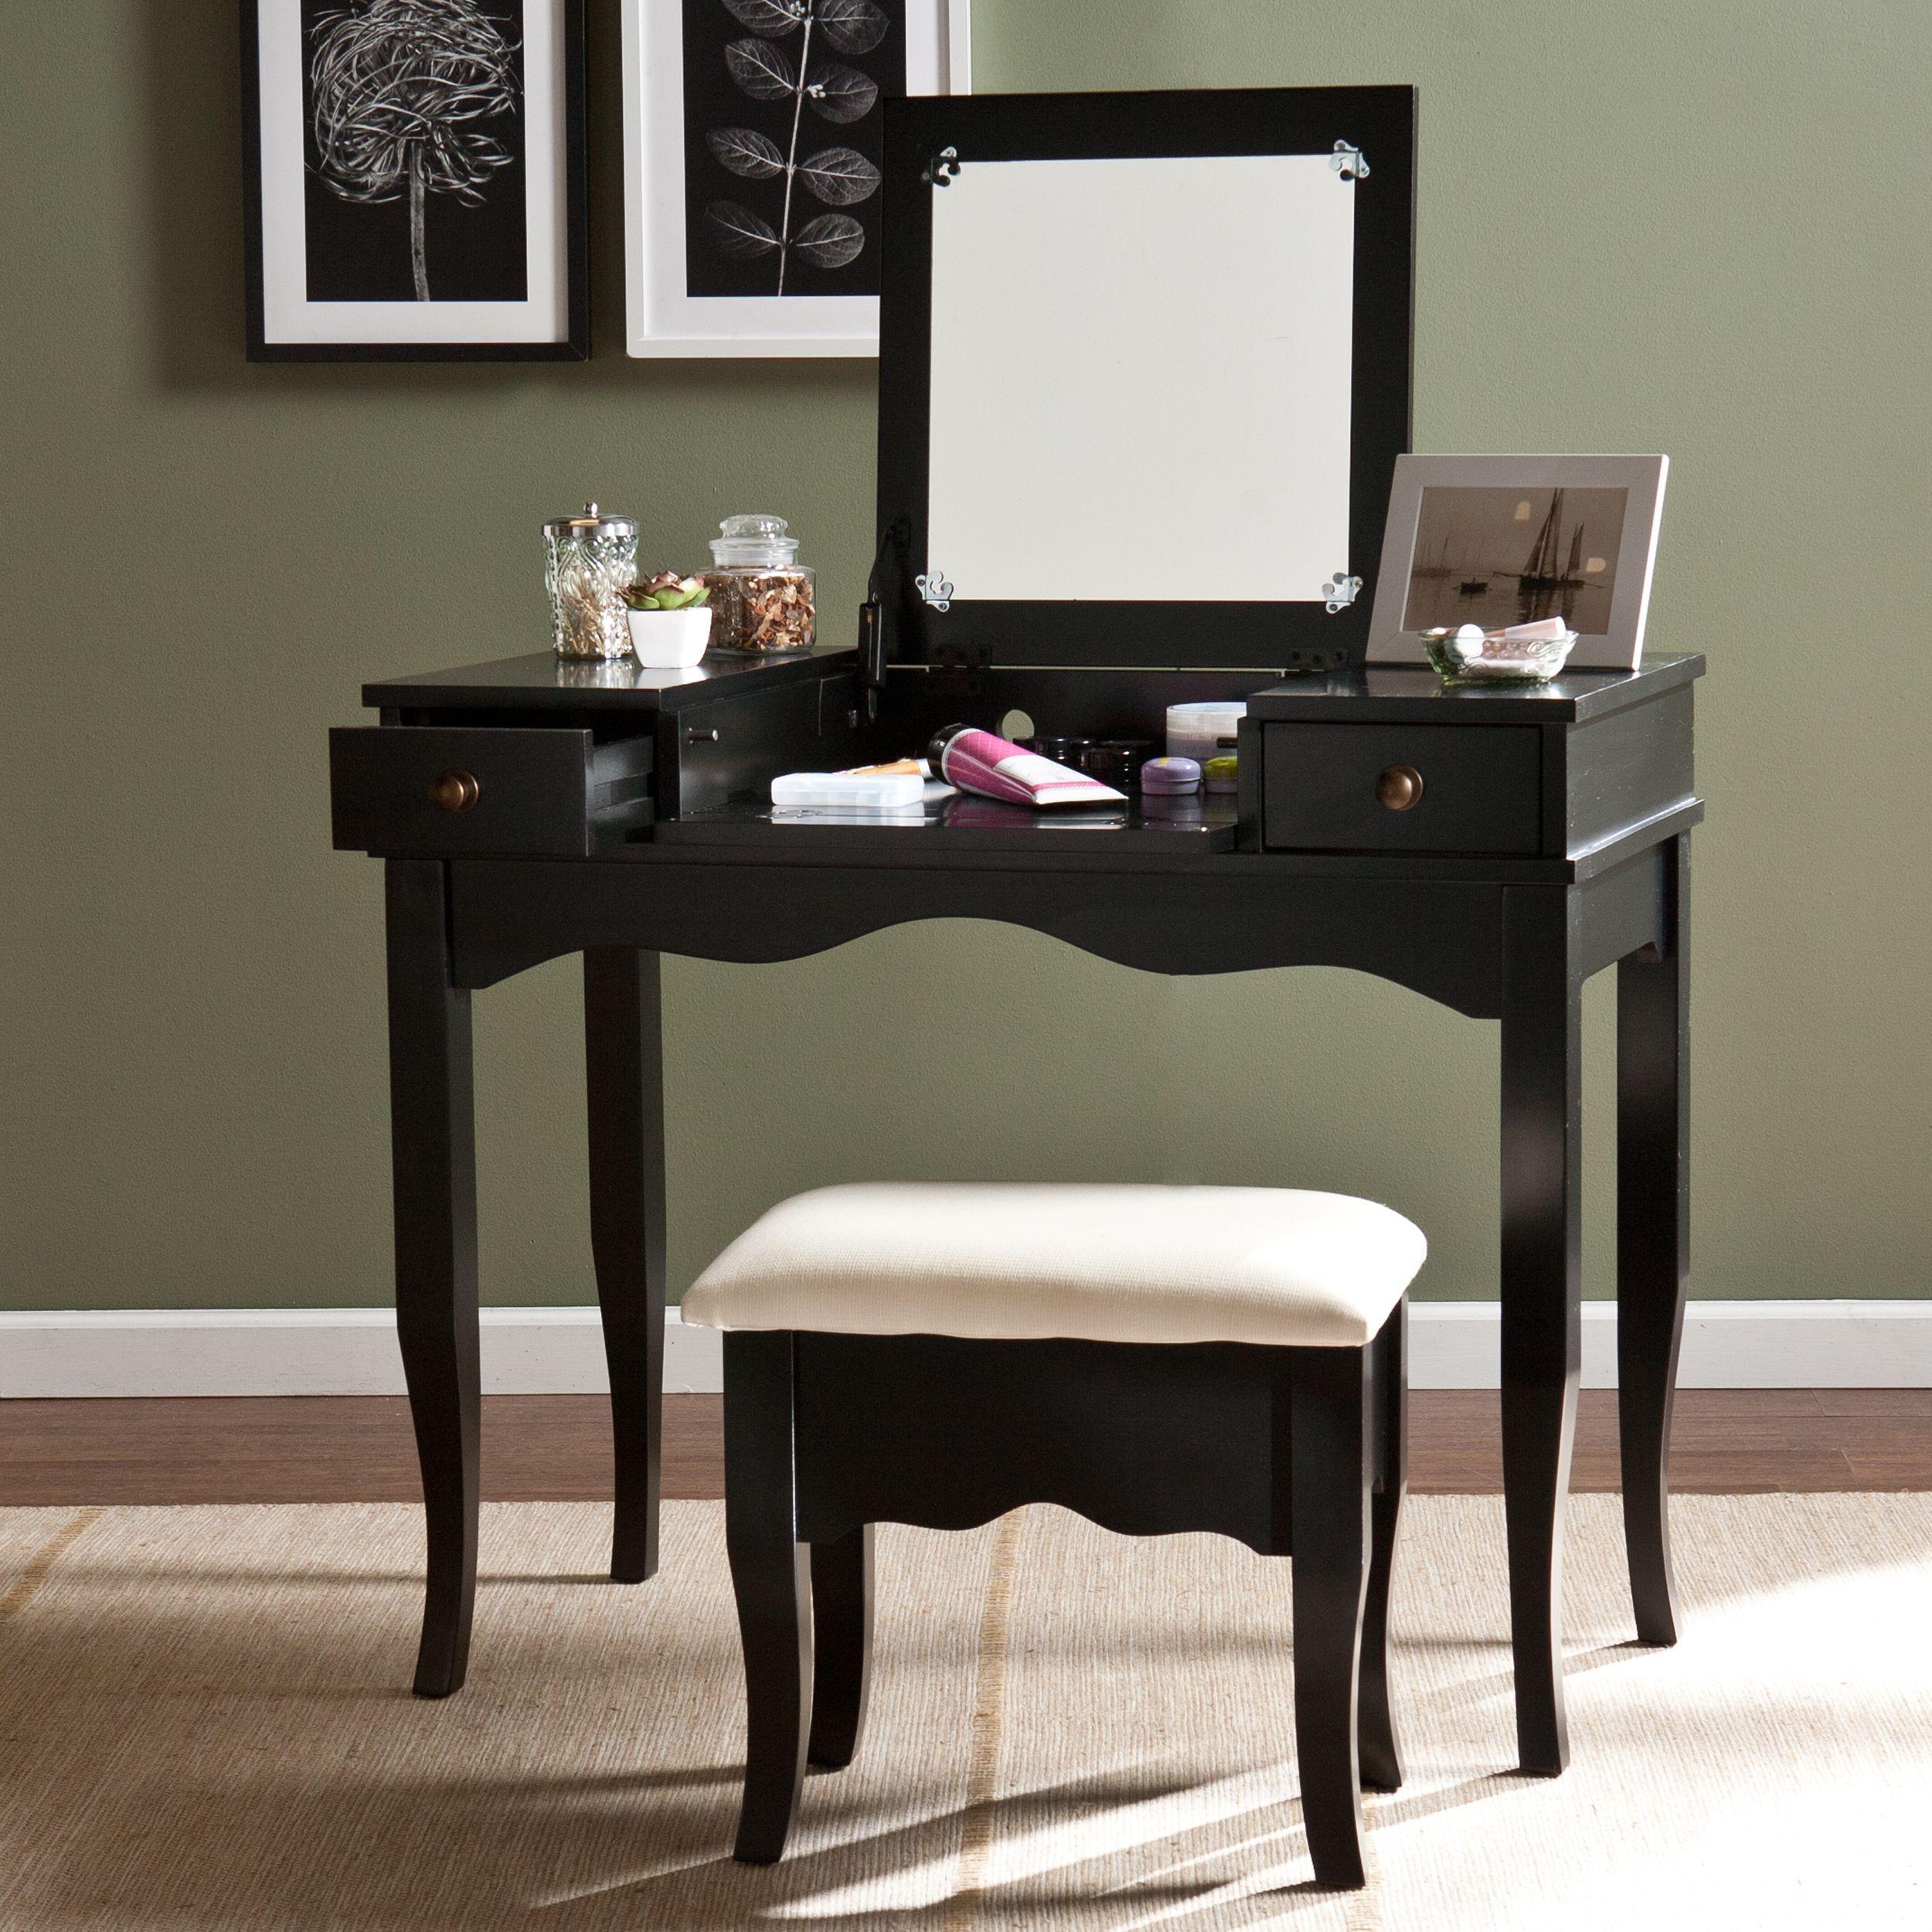 Harper Blvd Eliza Vanity Bench Set (Os5857Vn), Black